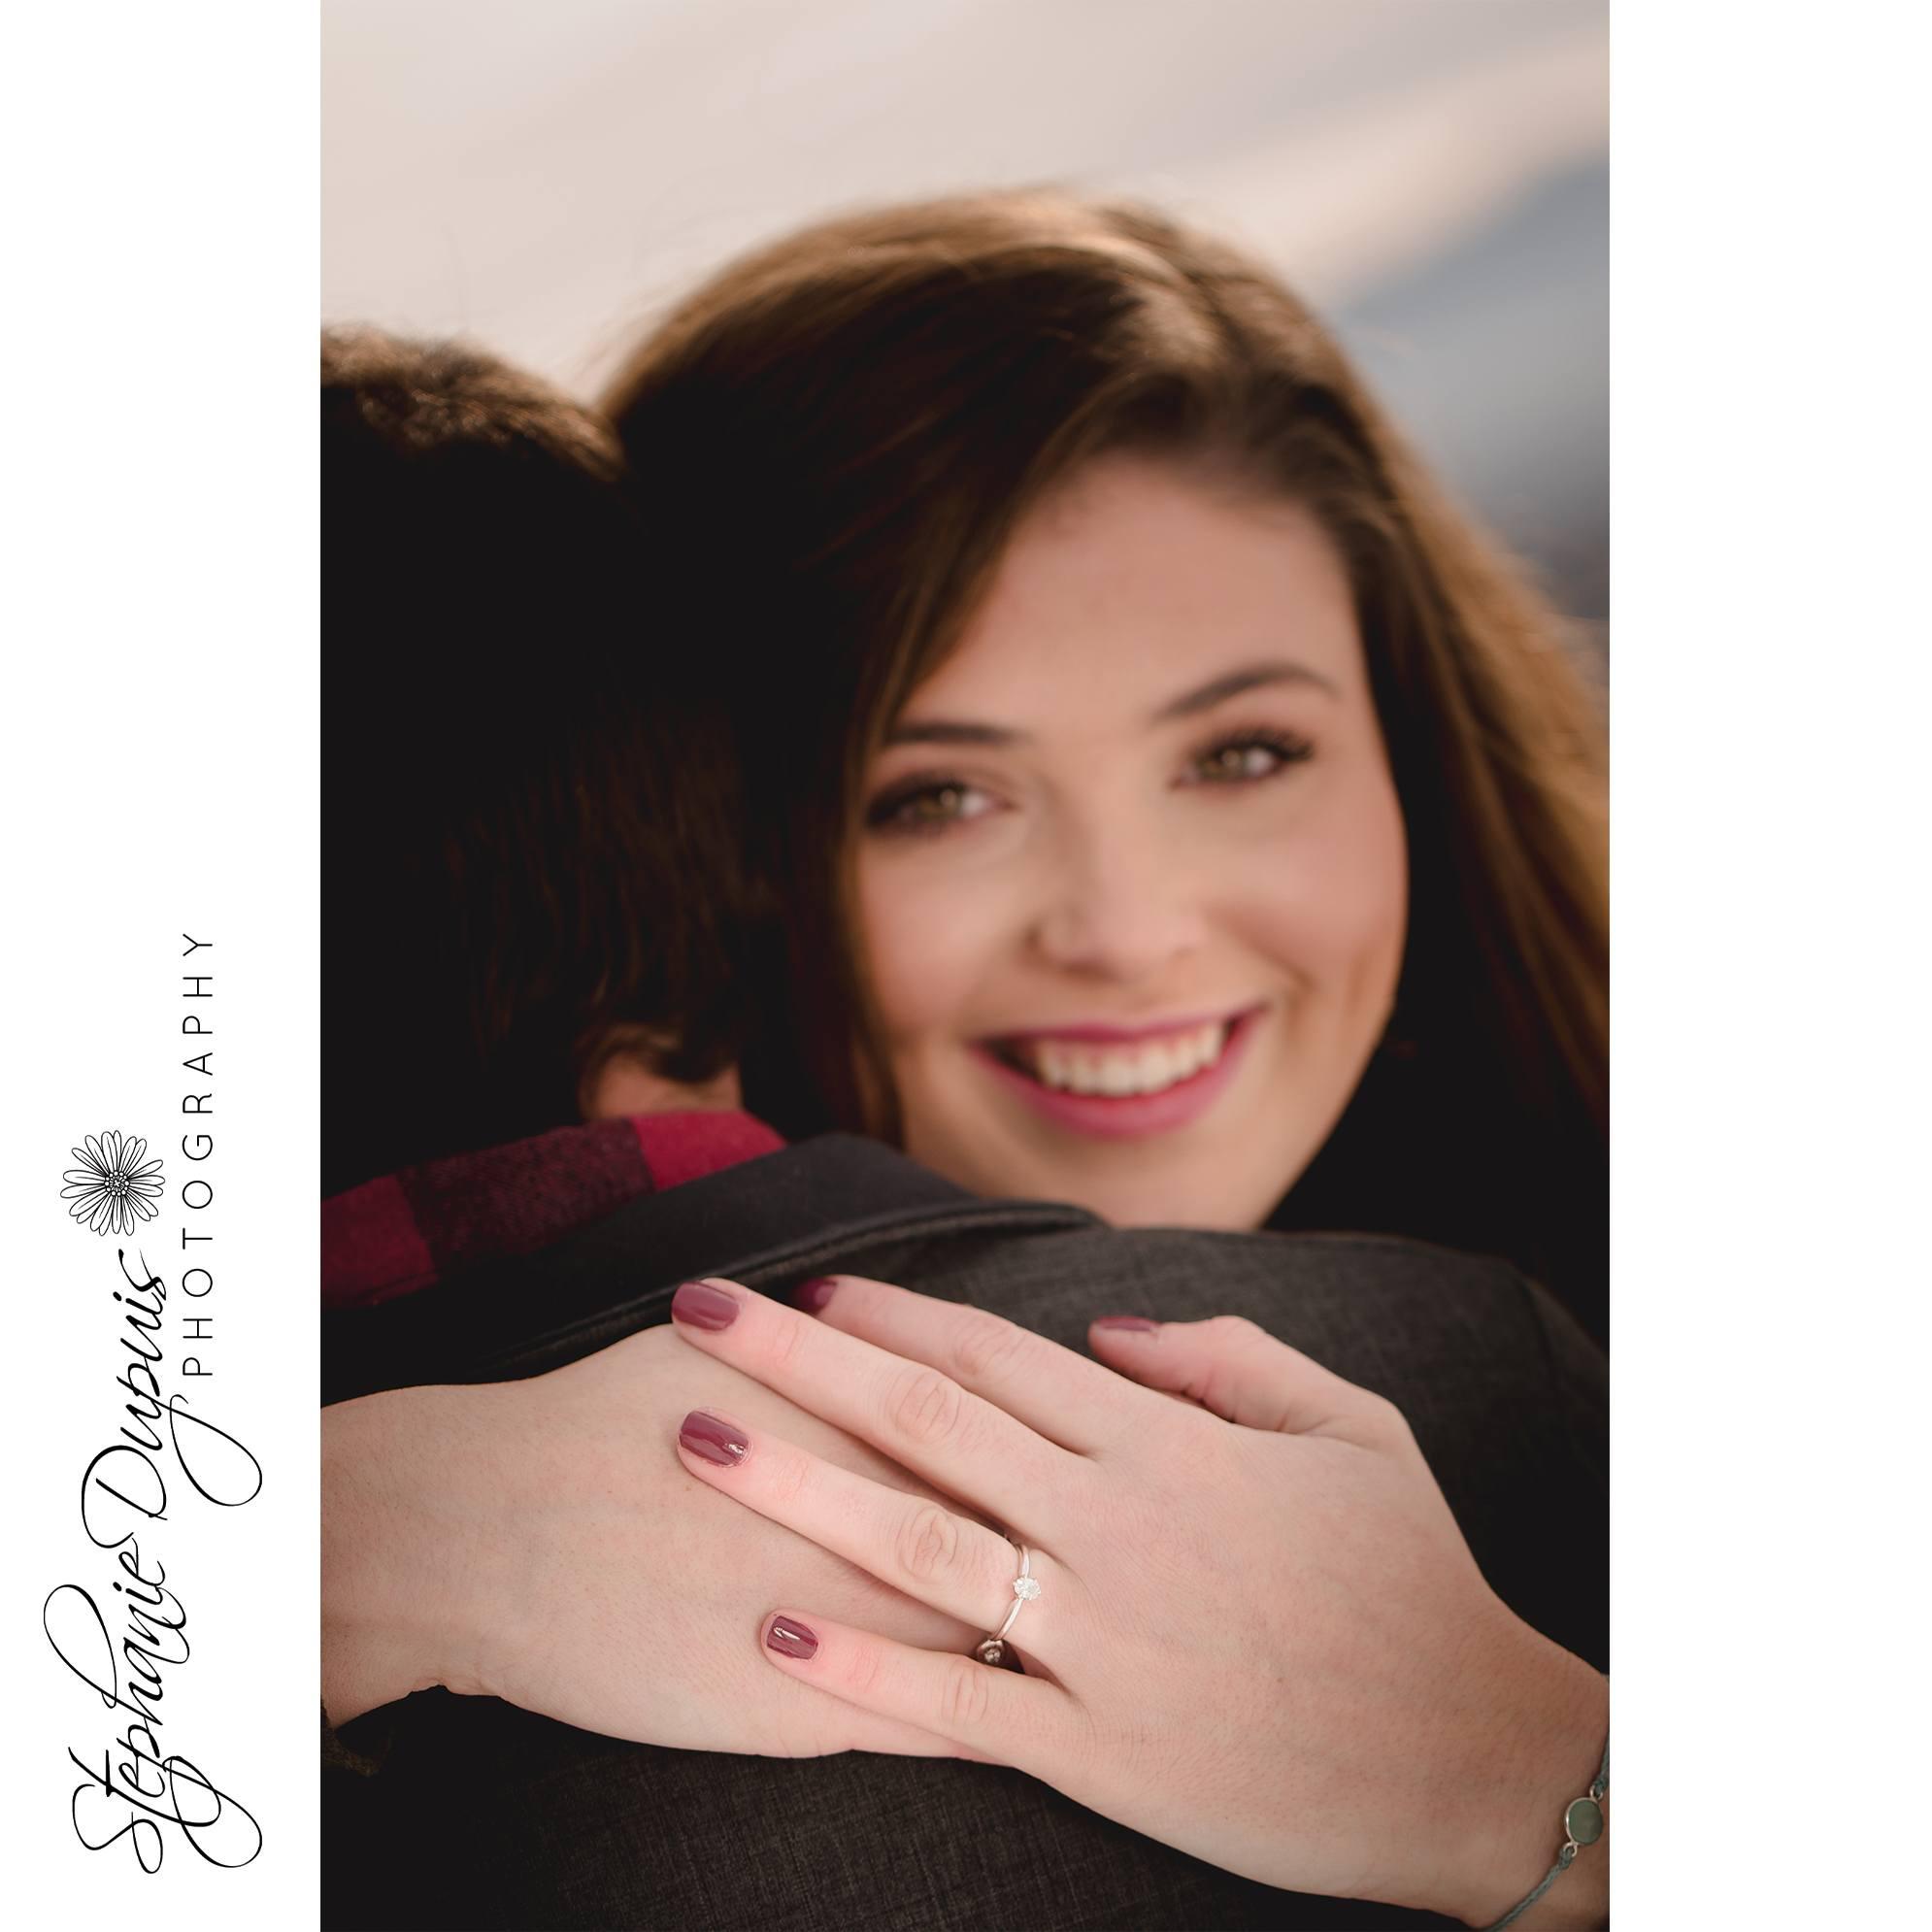 Engagement Photographer 03 - Portfolio: Ethan & Baylee's Engagement